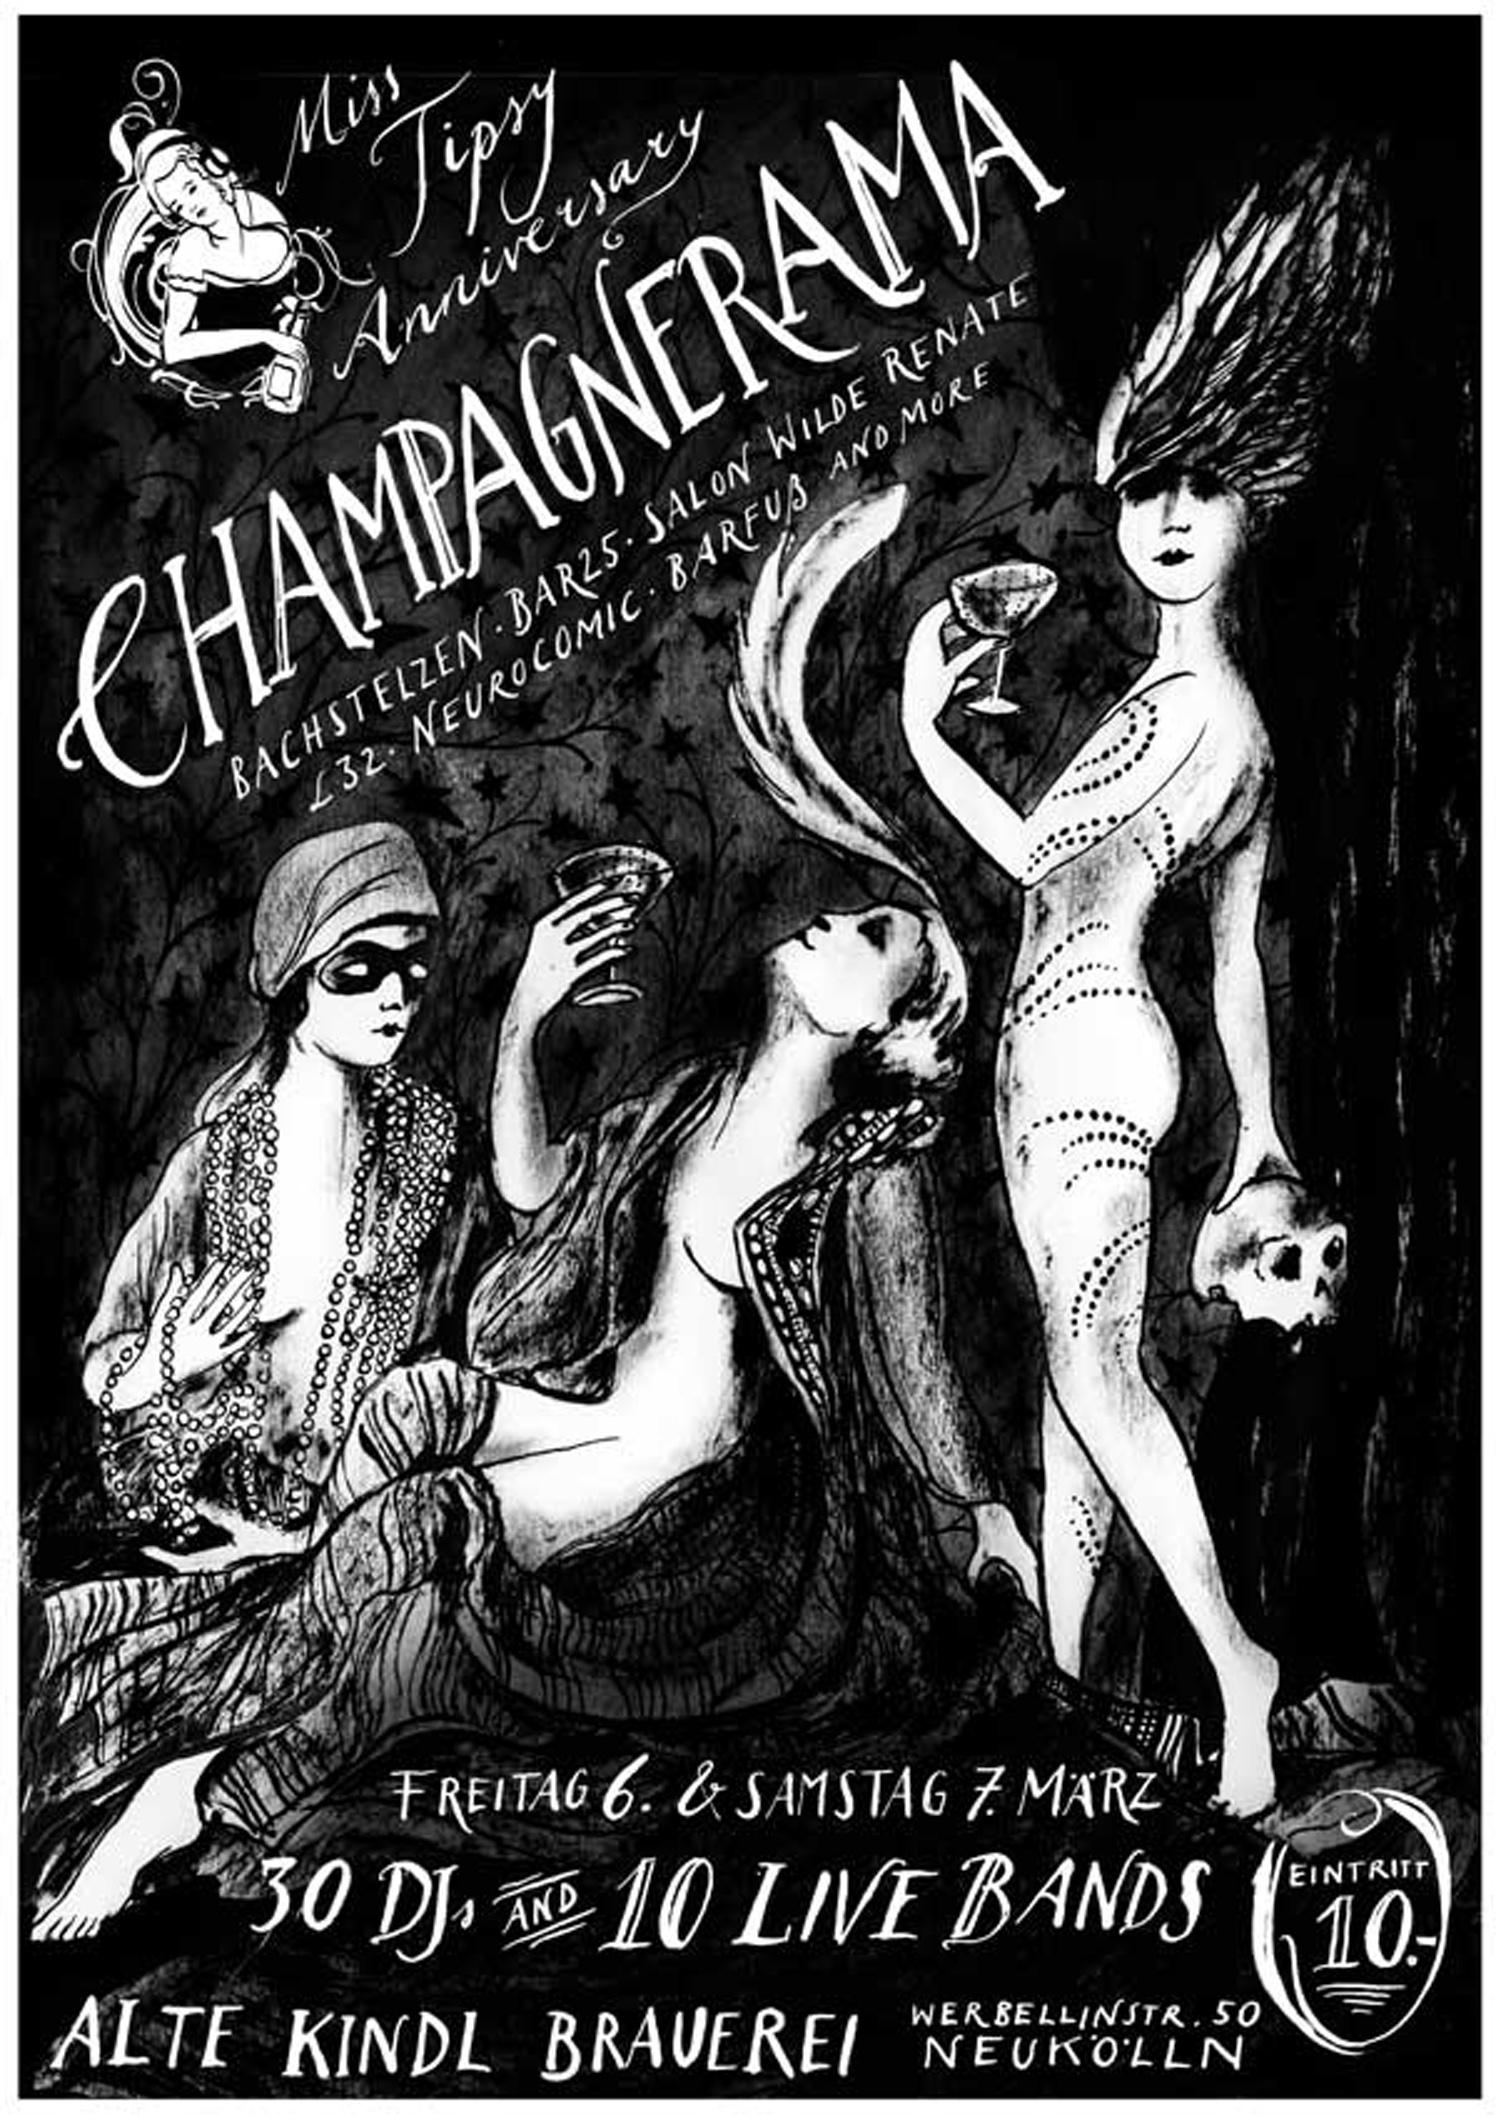 Champagnerama